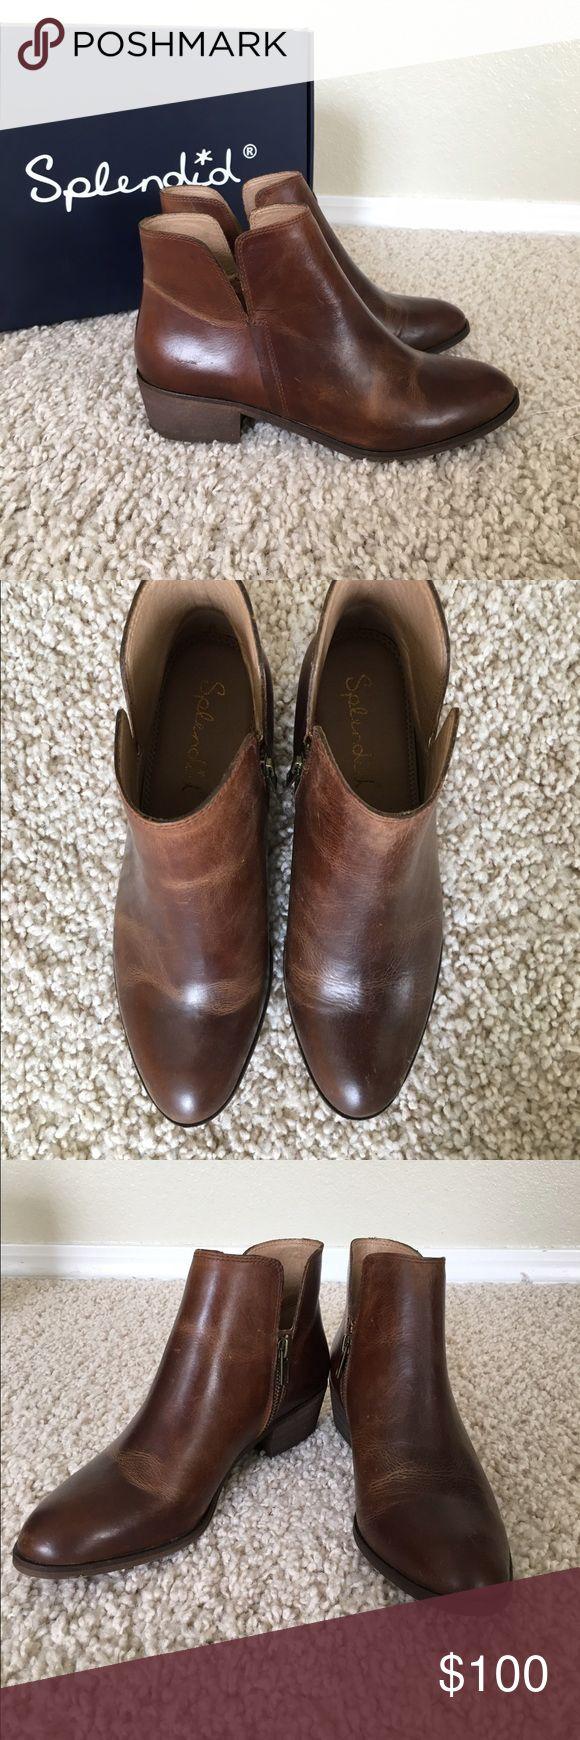 """Hamptyn zipper bootie by Splendid Brand new size 8 """"coffee"""" bootie. Splendid Shoes Ankle Boots & Booties"""